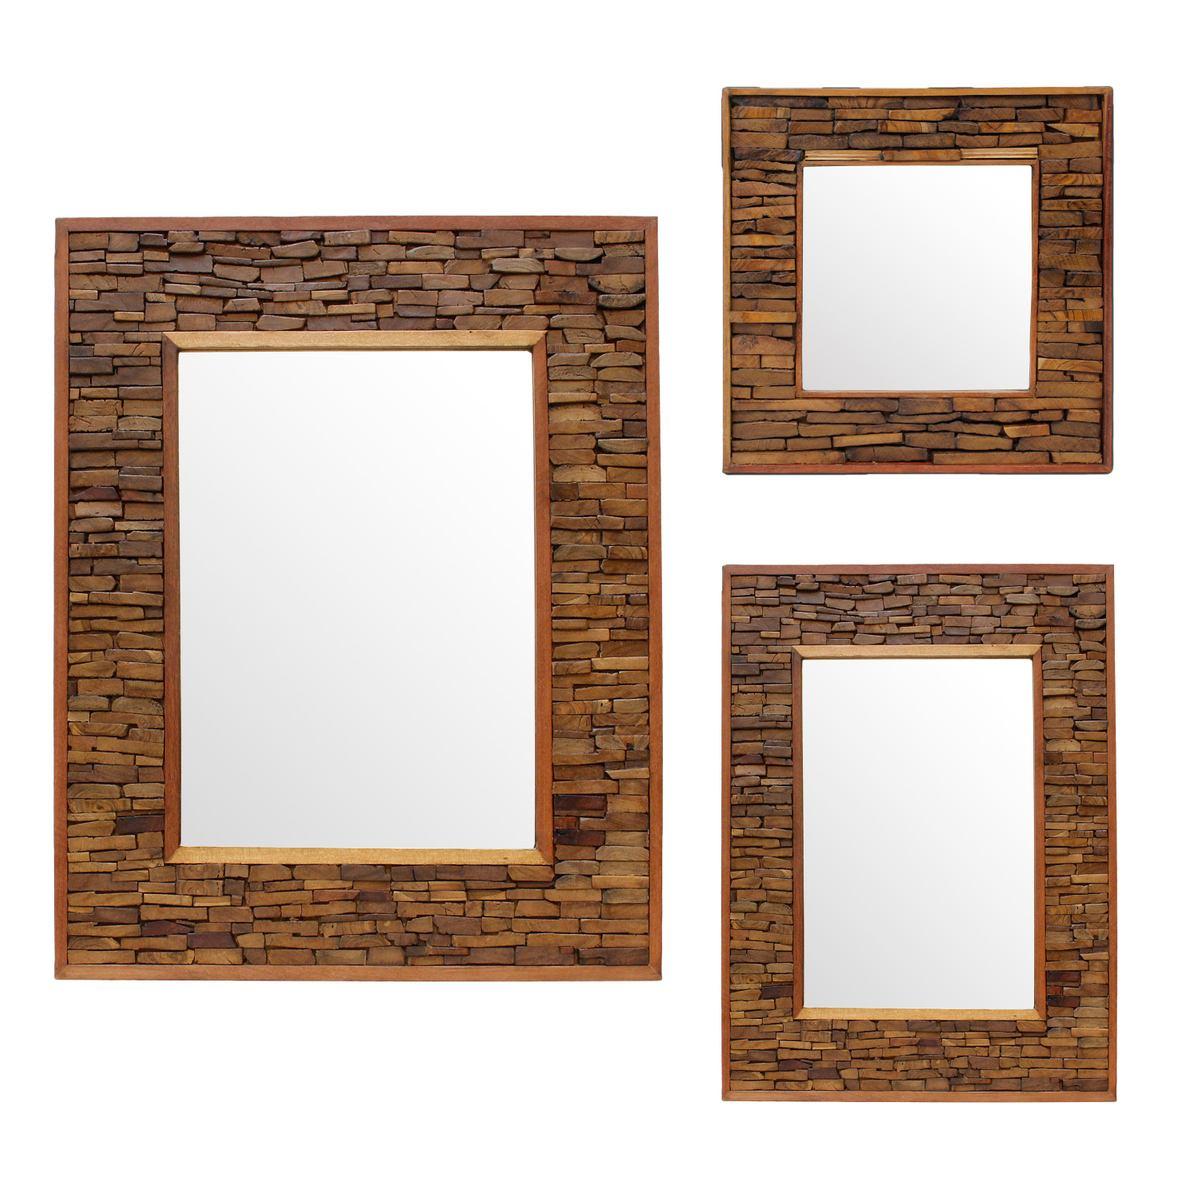 Wandspiegel Spiegel Holzspiegel Rahmen Holzrahmen Thailand Massiv ca ...